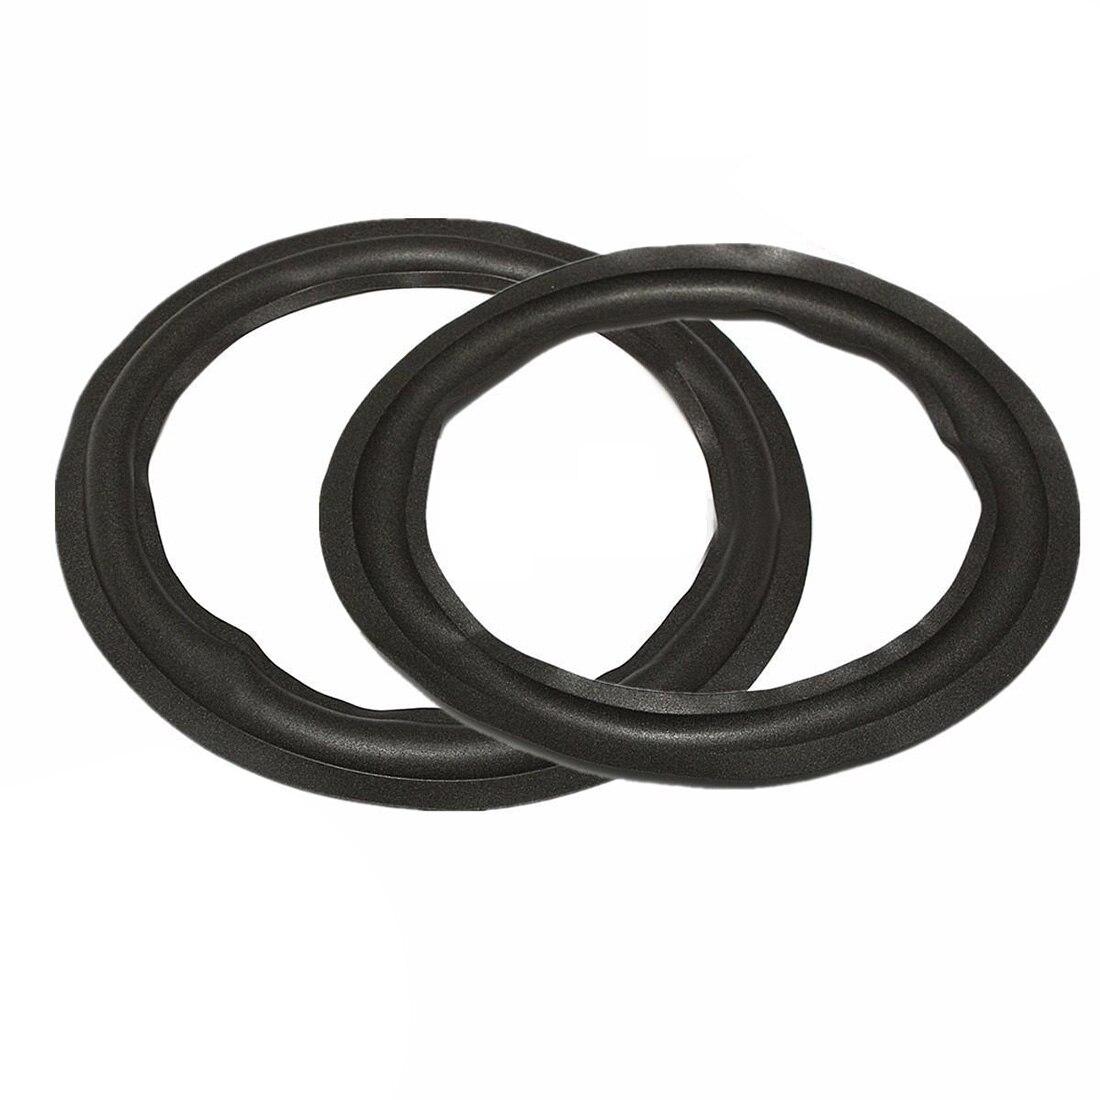 2 шт. черный 12 Динамик из <font><b>Surround</b></font> круг Ремонтный комплект для НЧ Рог